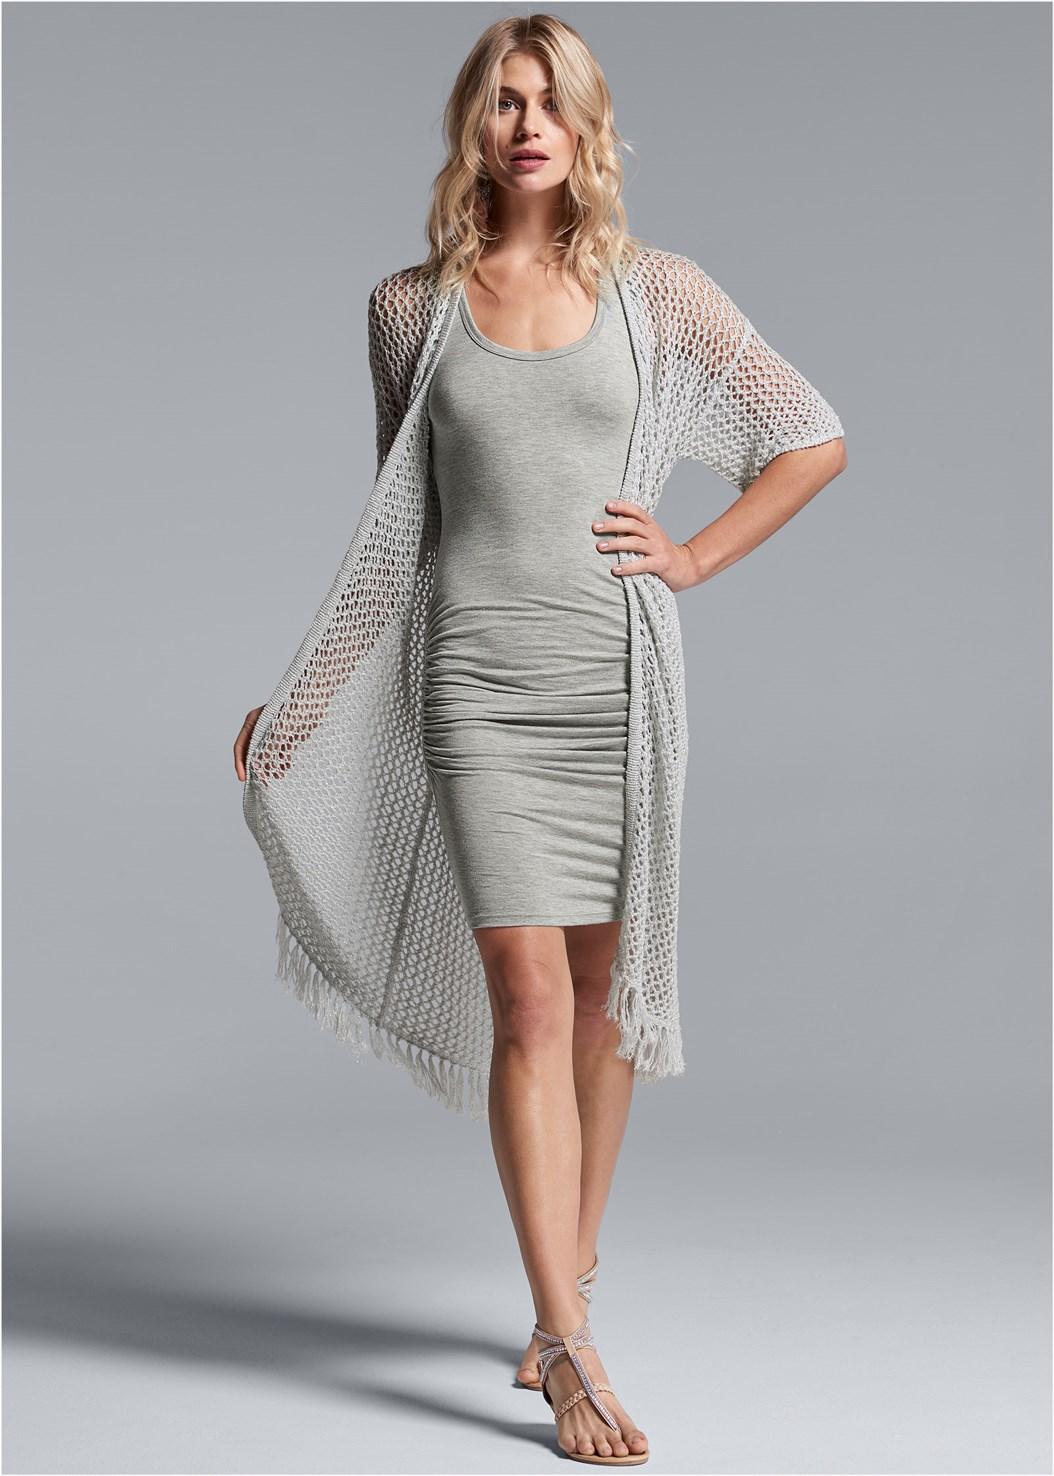 Open Knit Fringe Duster,Sleeveless Ruched Bodycon Midi Dress,Push Up Bra Buy 2 For $40,Rhinestone Thong Sandal,Tassel Detail Hoop Earrings,Animal Chain Crossbody Bag